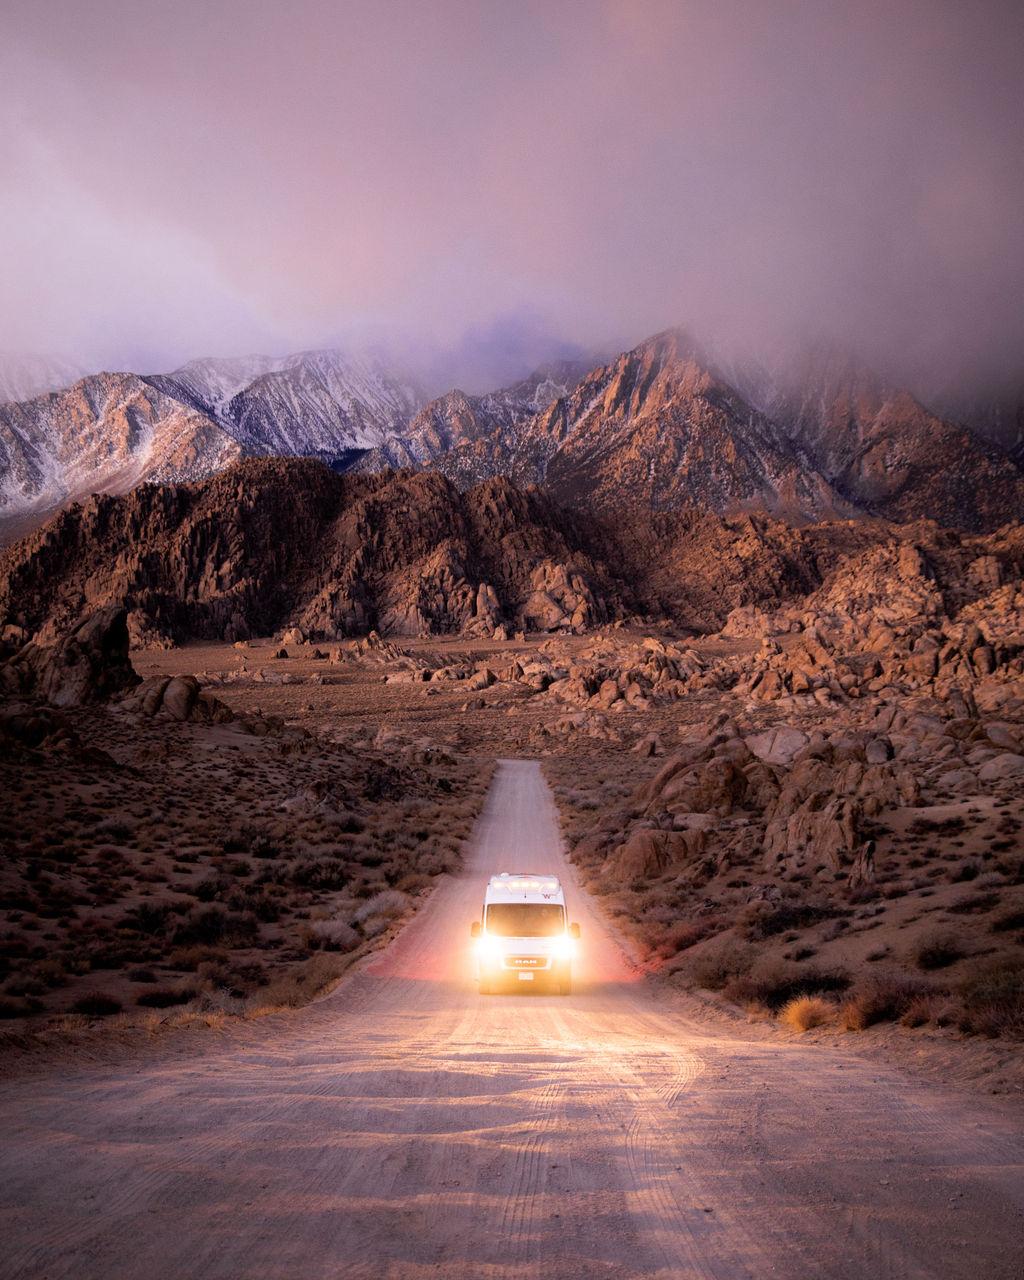 Campervan on dirt road